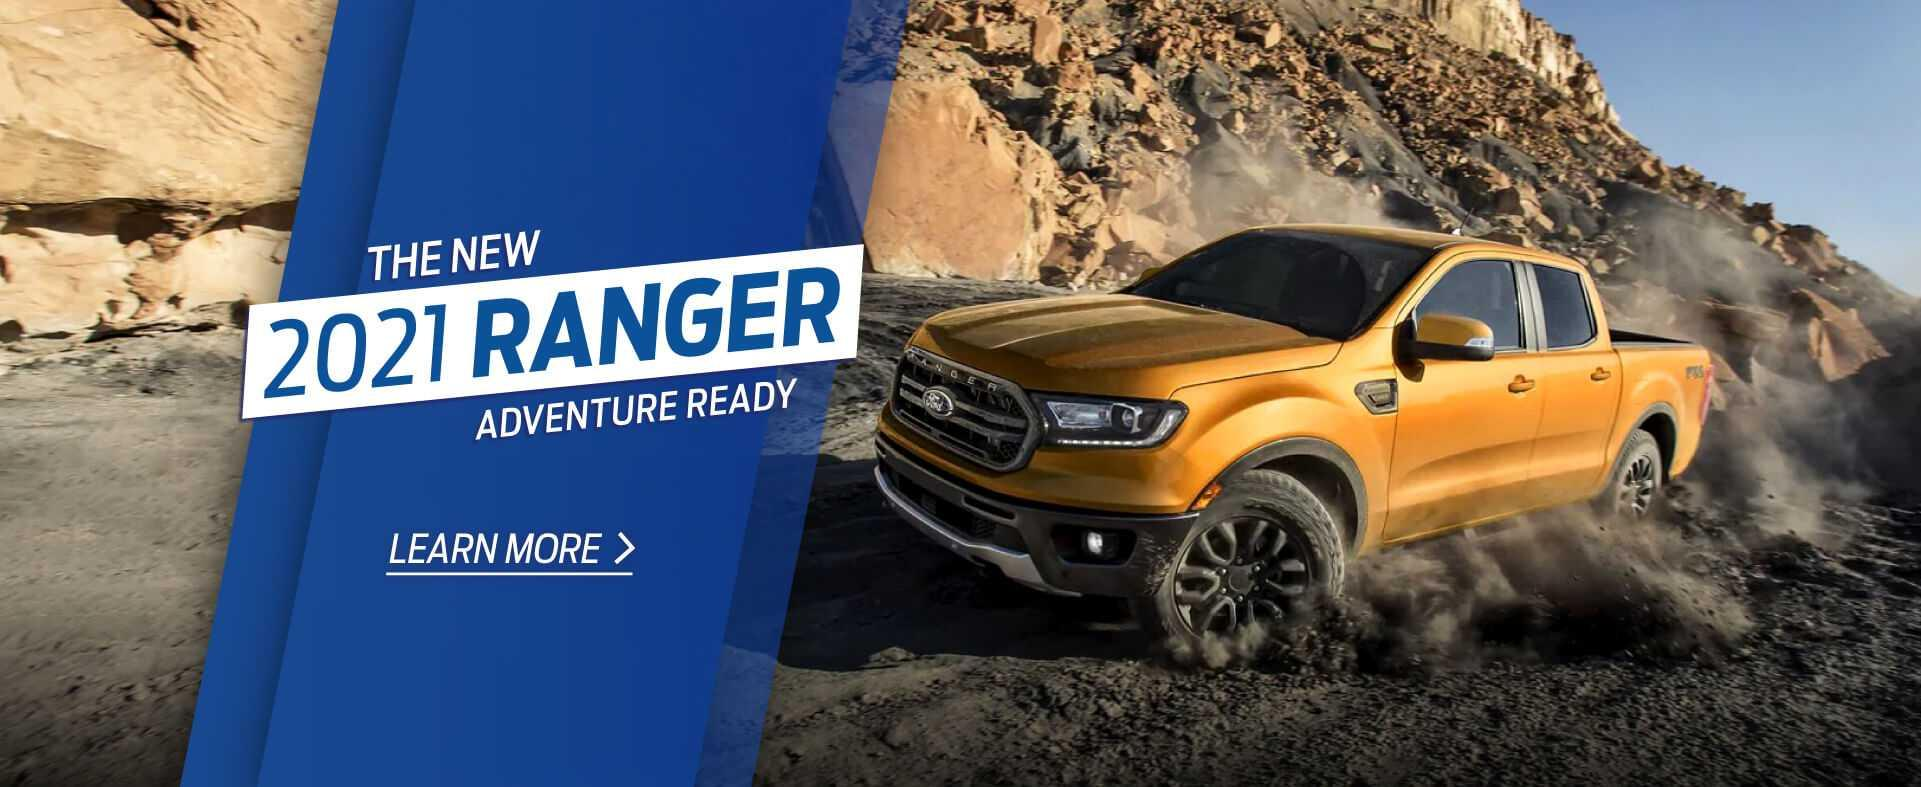 2021 Ranger